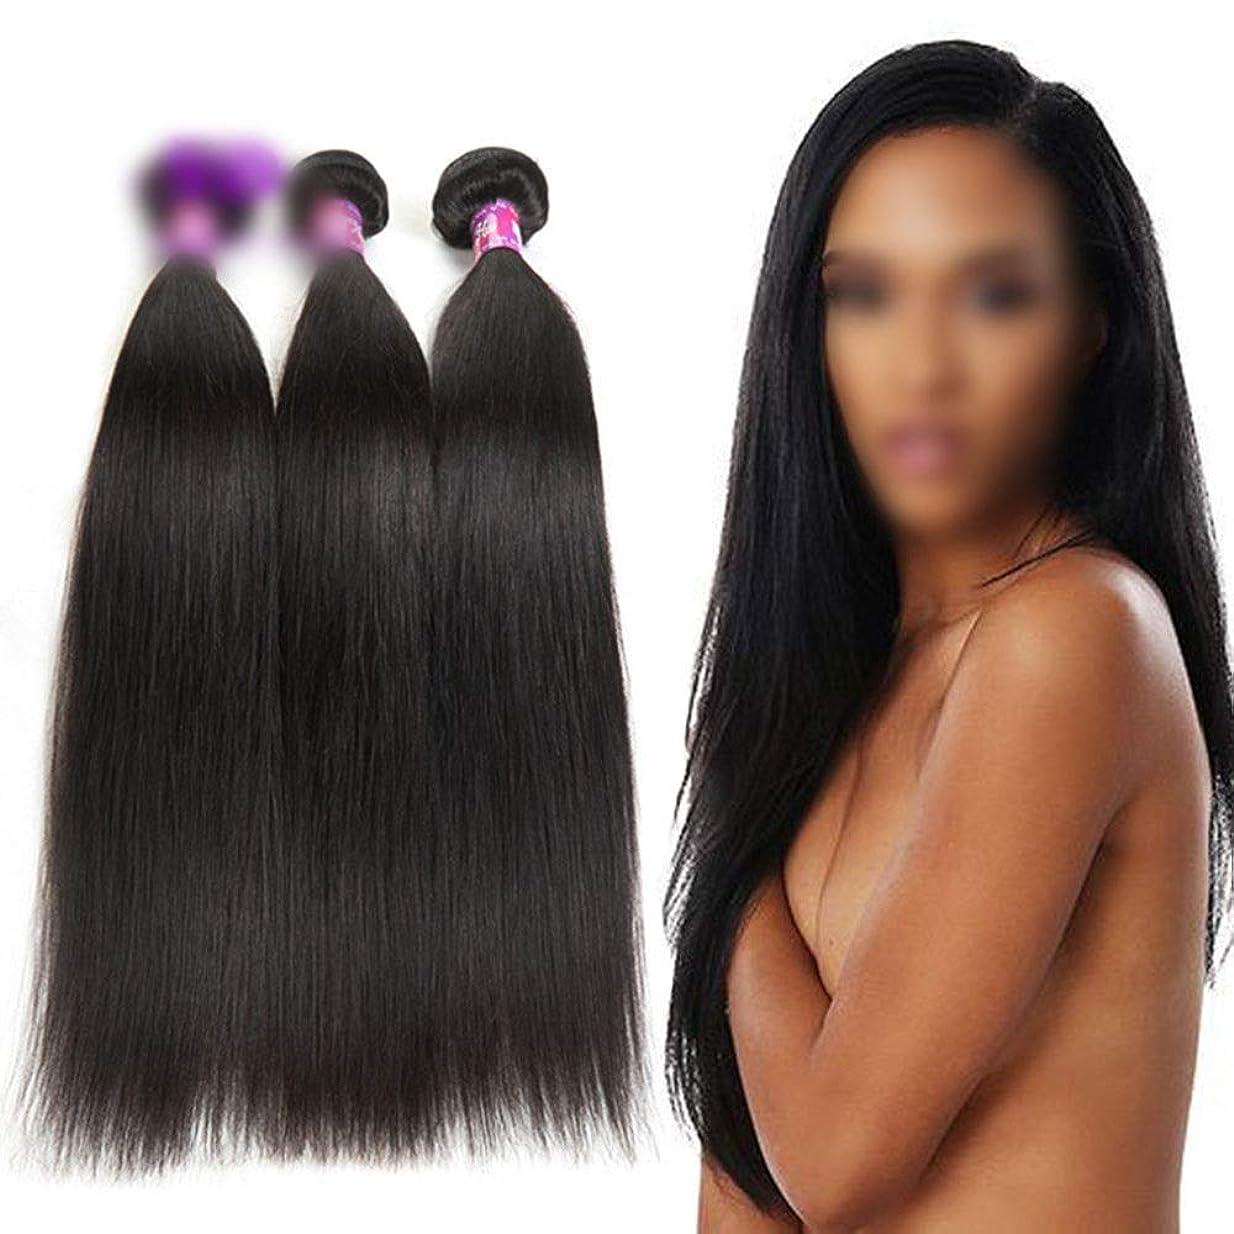 ロデオ誰おかしいBOBIDYEE ブラジルのストレート人間の髪の毛の束シルキーストレートバージン人間の髪織りエクステンションナチュラルブラック女性複合かつらレースかつらロールプレイングかつら (色 : 黒, サイズ : 18 inch)